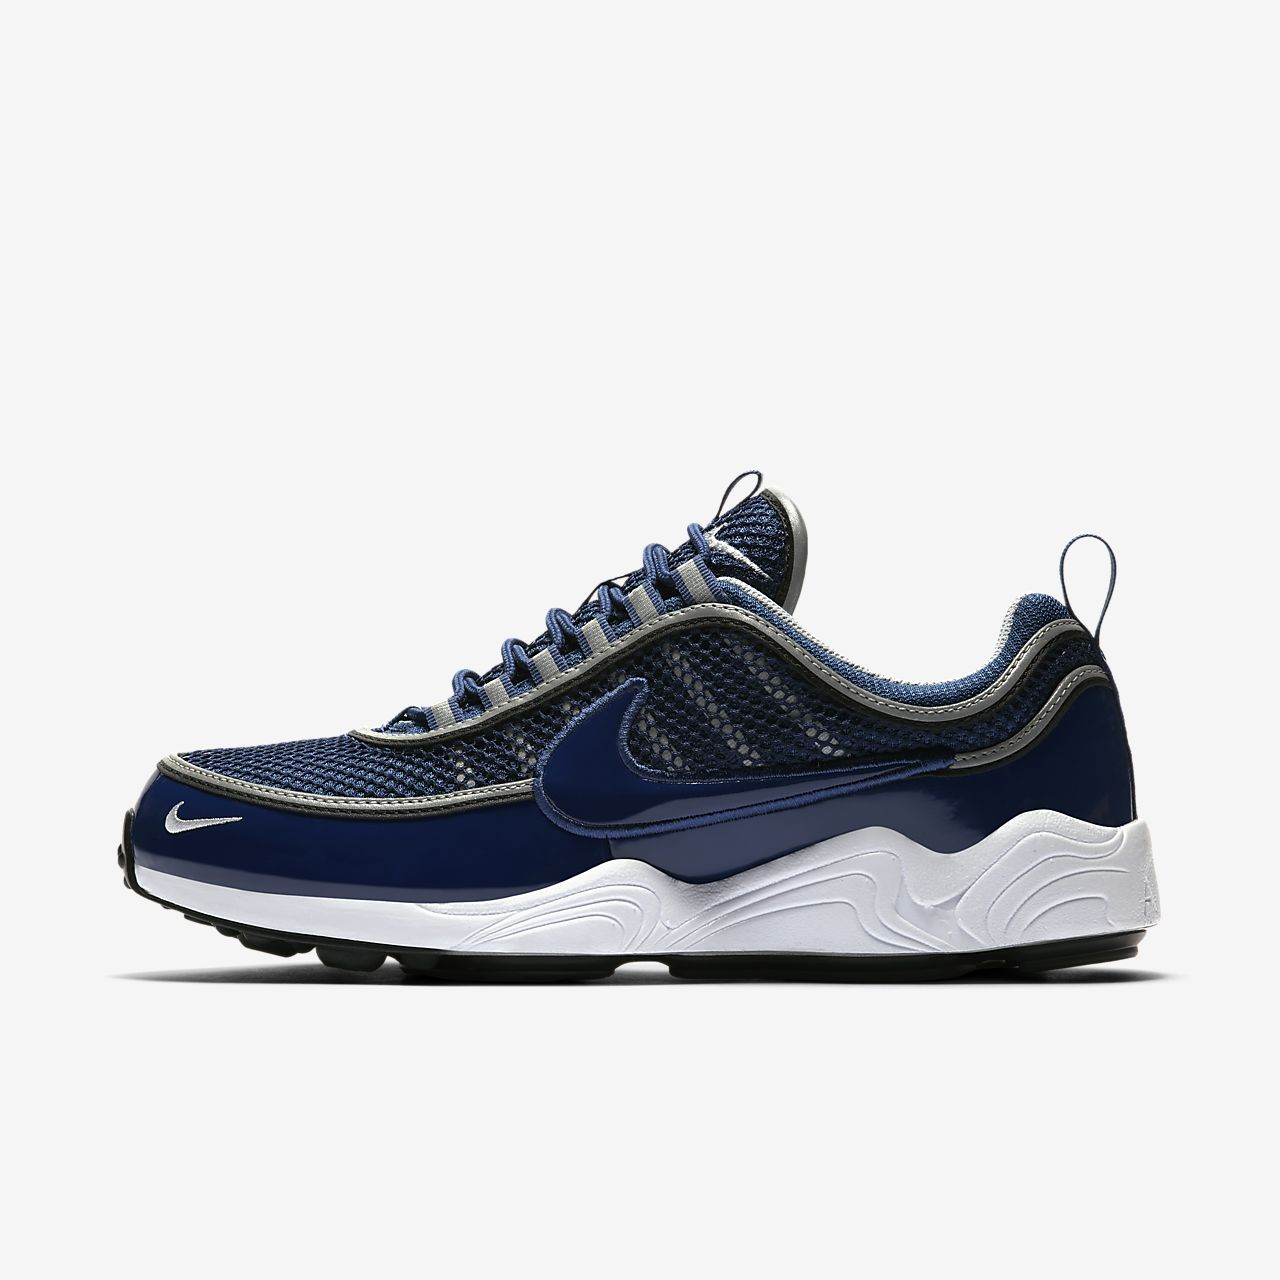 Chaussure Nike Air Zoom Spiridon '16 Pour Ch